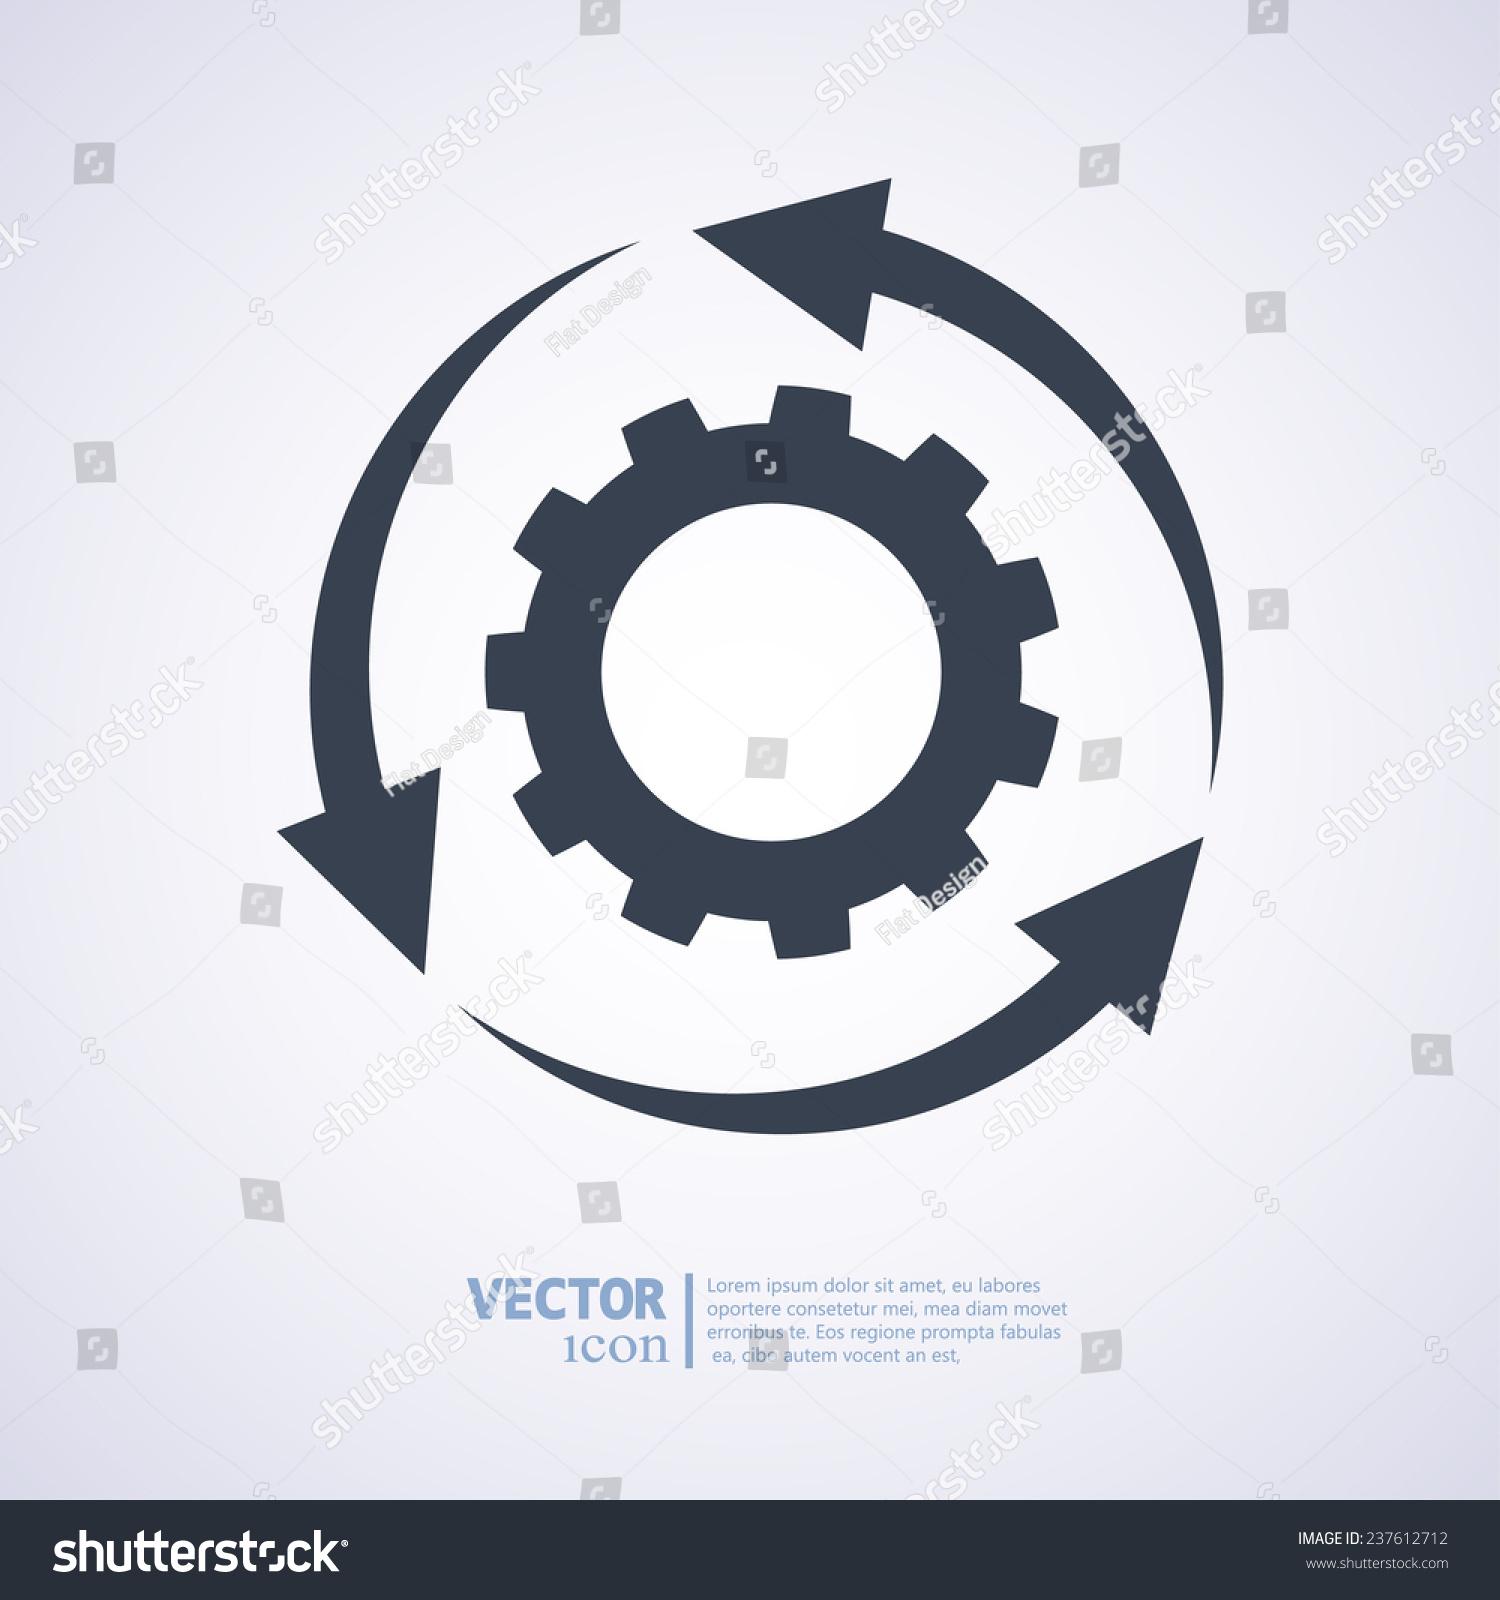 设置参数,循环箭头图标,矢量图.平面设计风格-科技